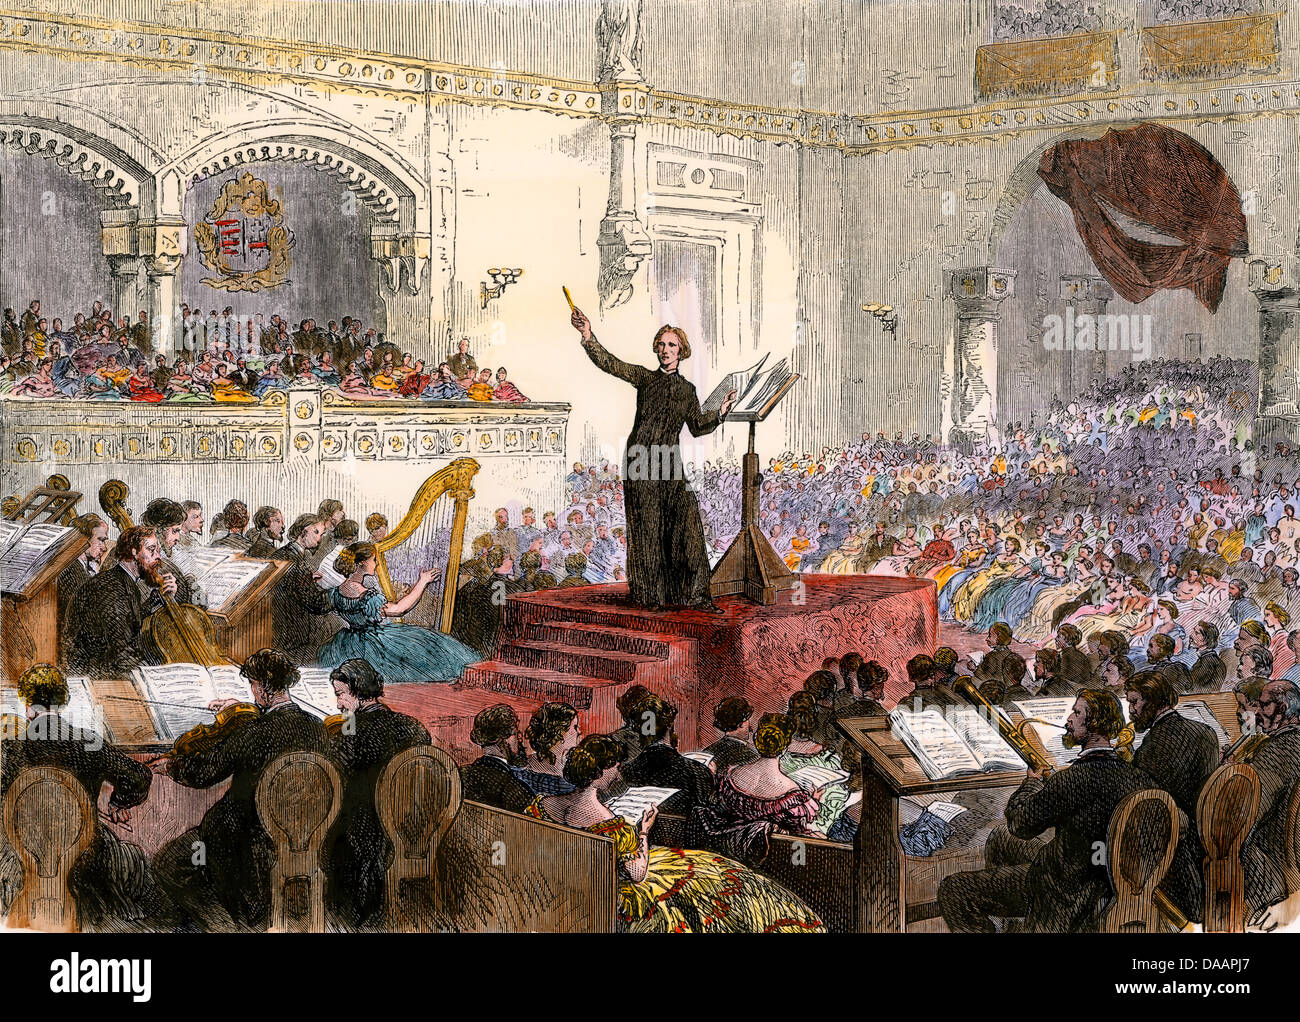 Franz Liszt conduzir seu novo Oratório em Budapeste, Hungria, 1860. Xilogravura colorida à mão, Imagens de Stock